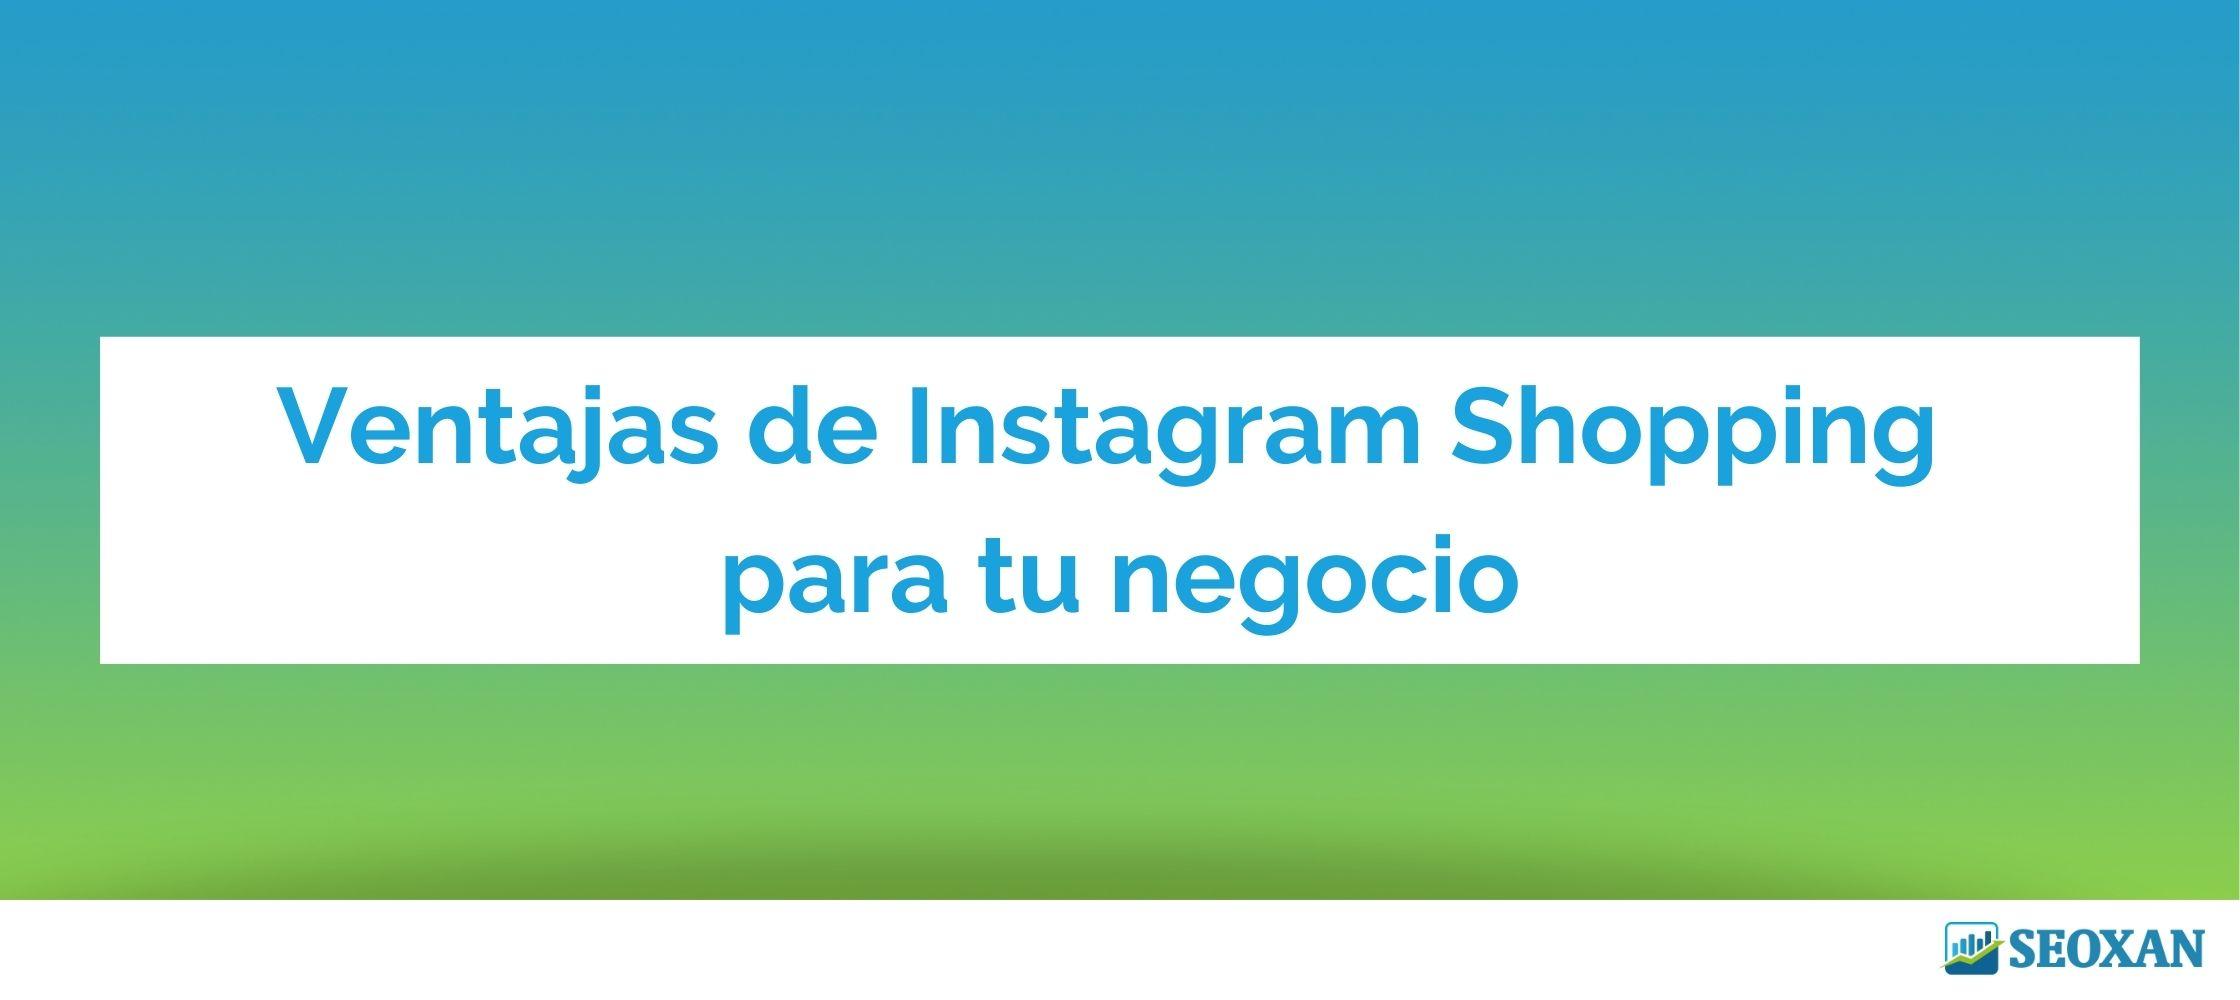 Ventajas de Instagram Shopping para tu negocio